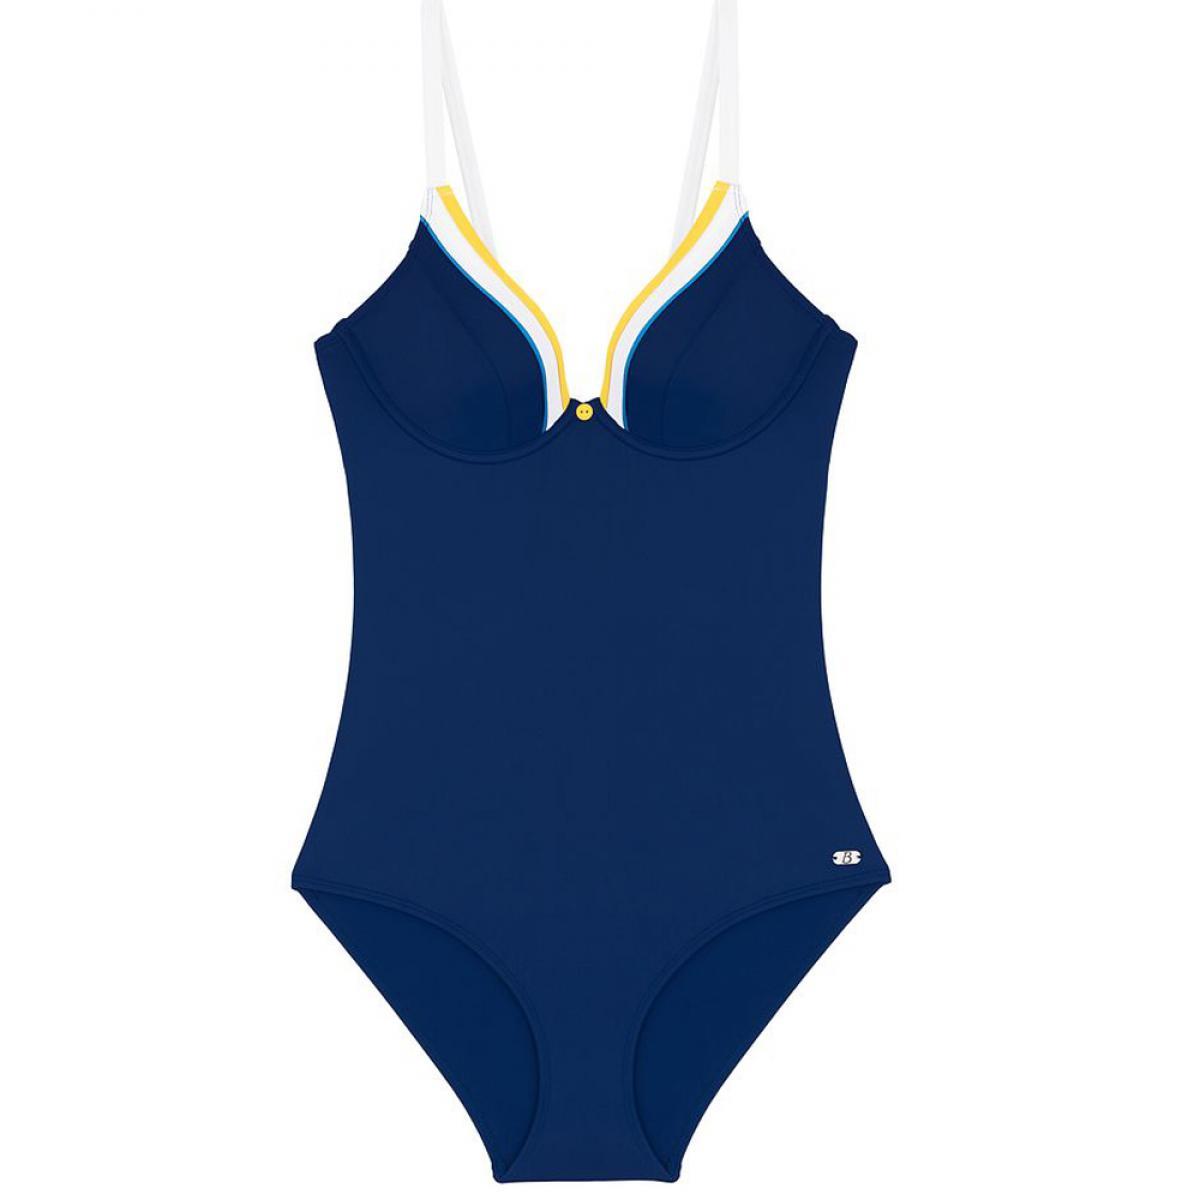 Promo : Maillot de bain une pièce armatures Bestform maillot Maillot de bain une pièce armatures bleu